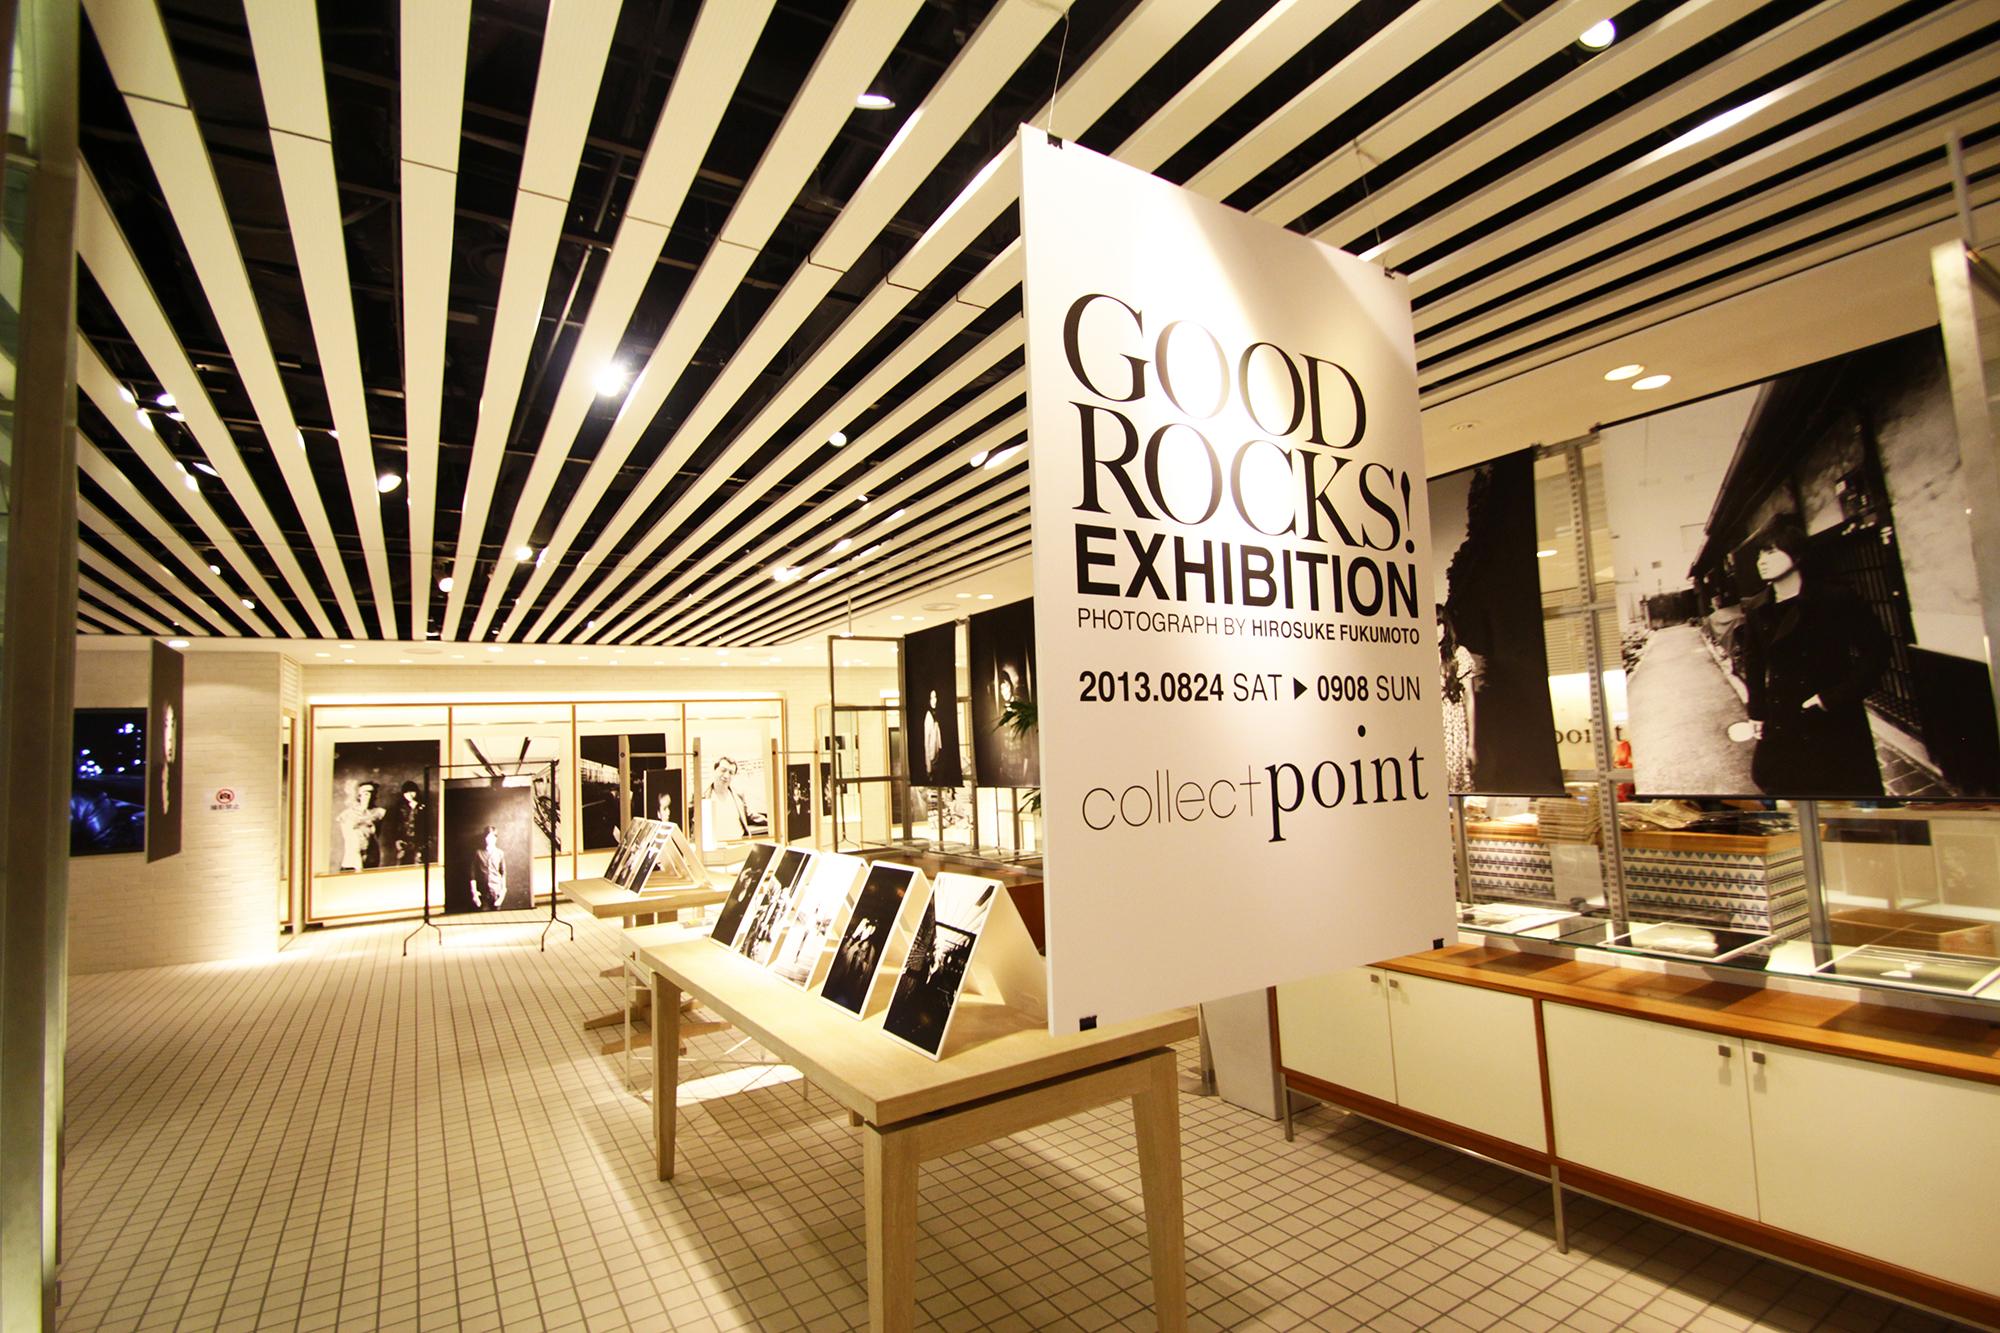 【東京・原宿】GOOD ROCKS! PHOTO EXHIBITION  PHOTOGRAPHED BY HIROSUKE FUKUMOTO IN TOKYO